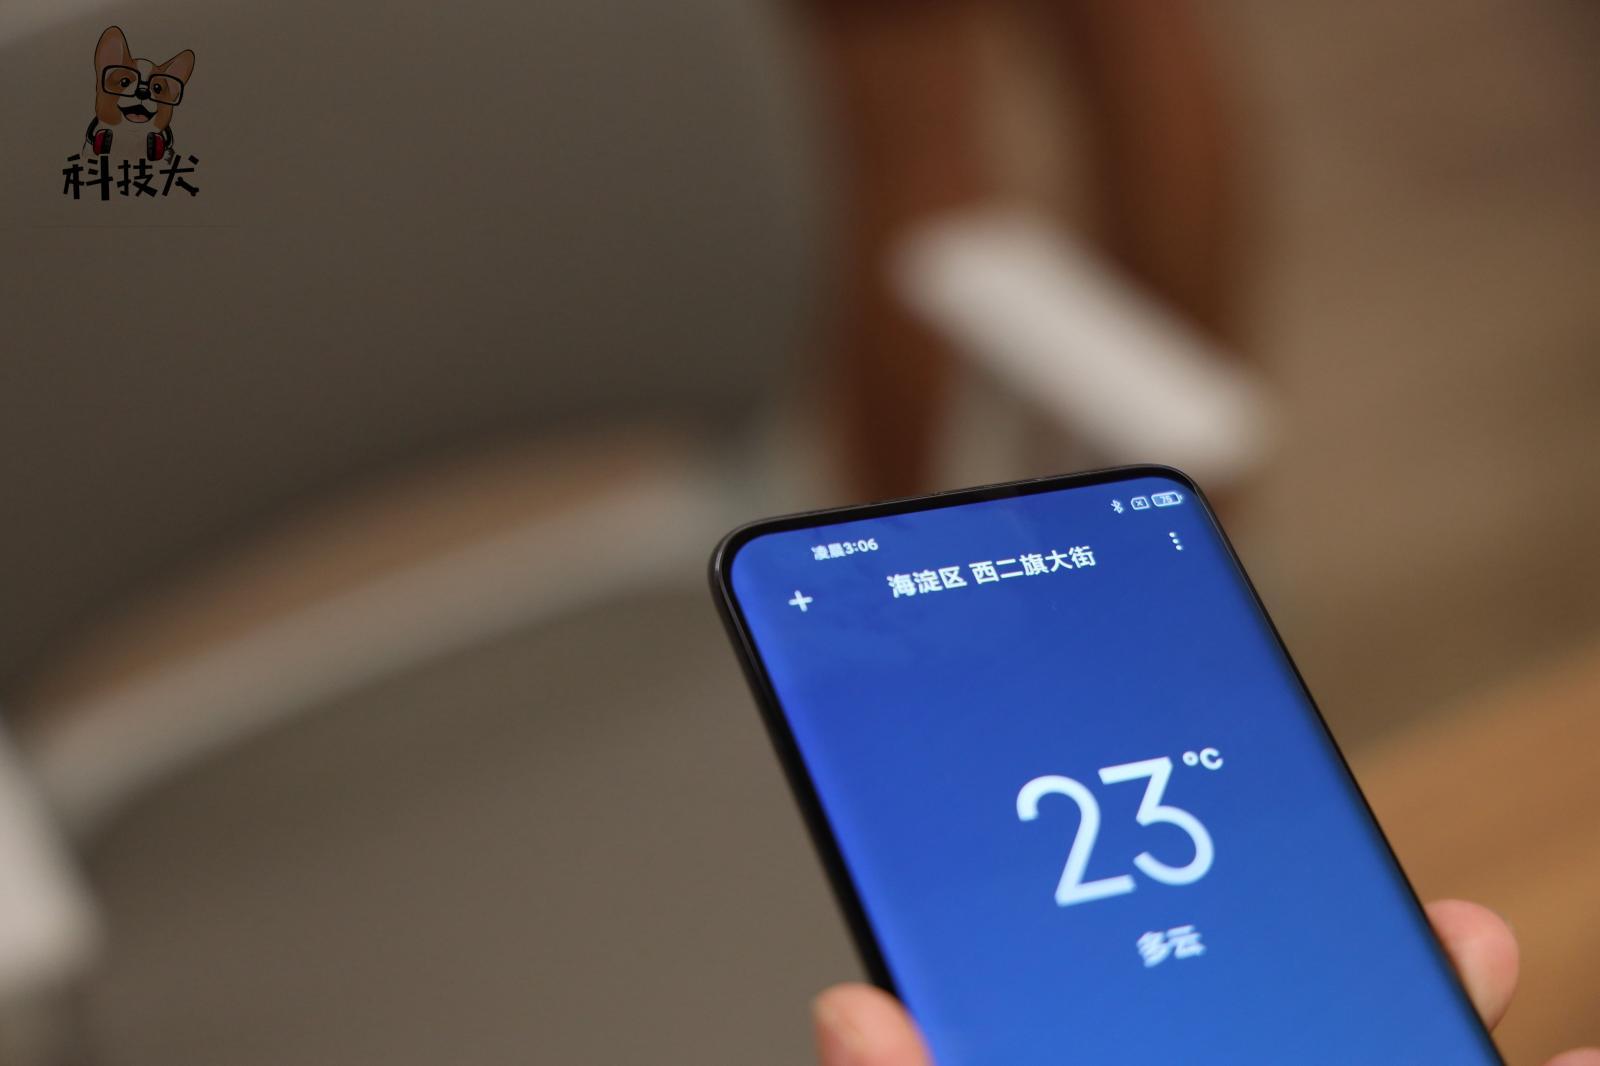 「科技犬」9月份首周新发布手机盘点:屏下相机技术成焦点